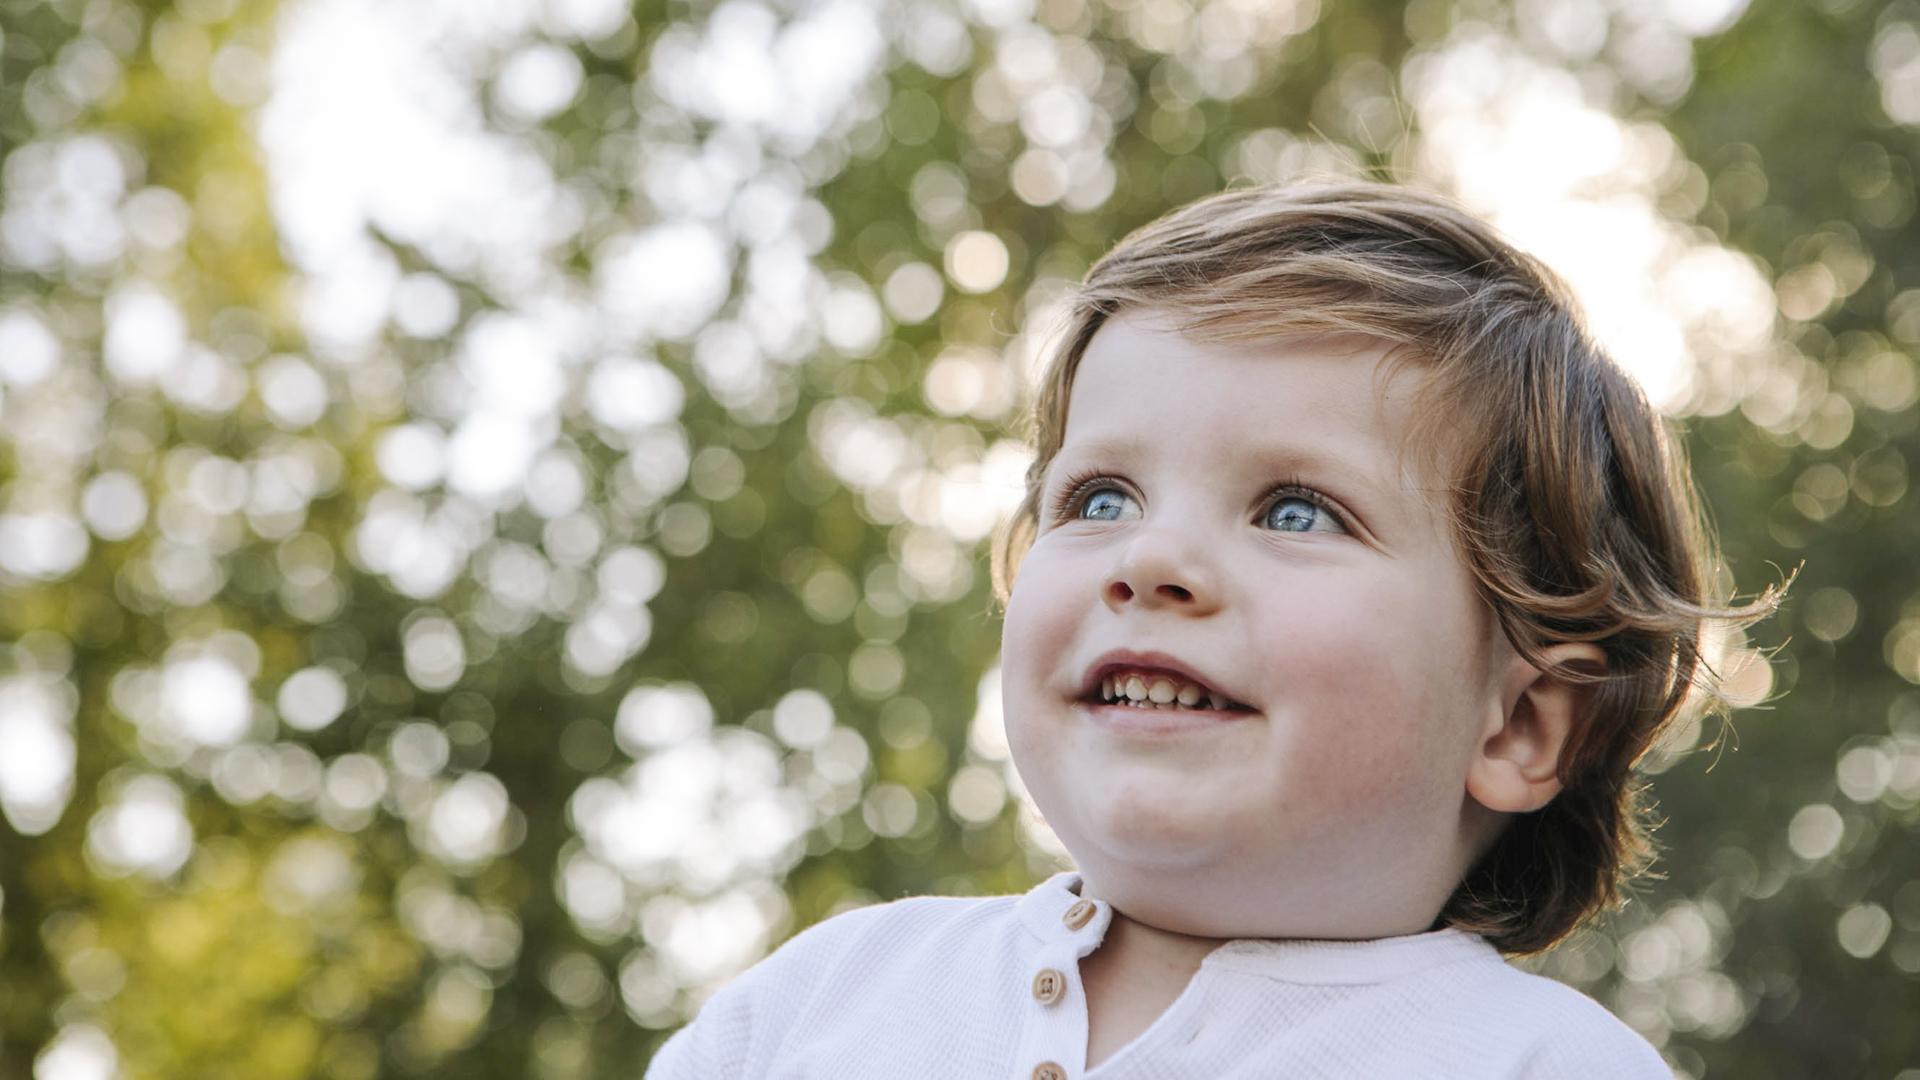 fotografia infantil al aire libre